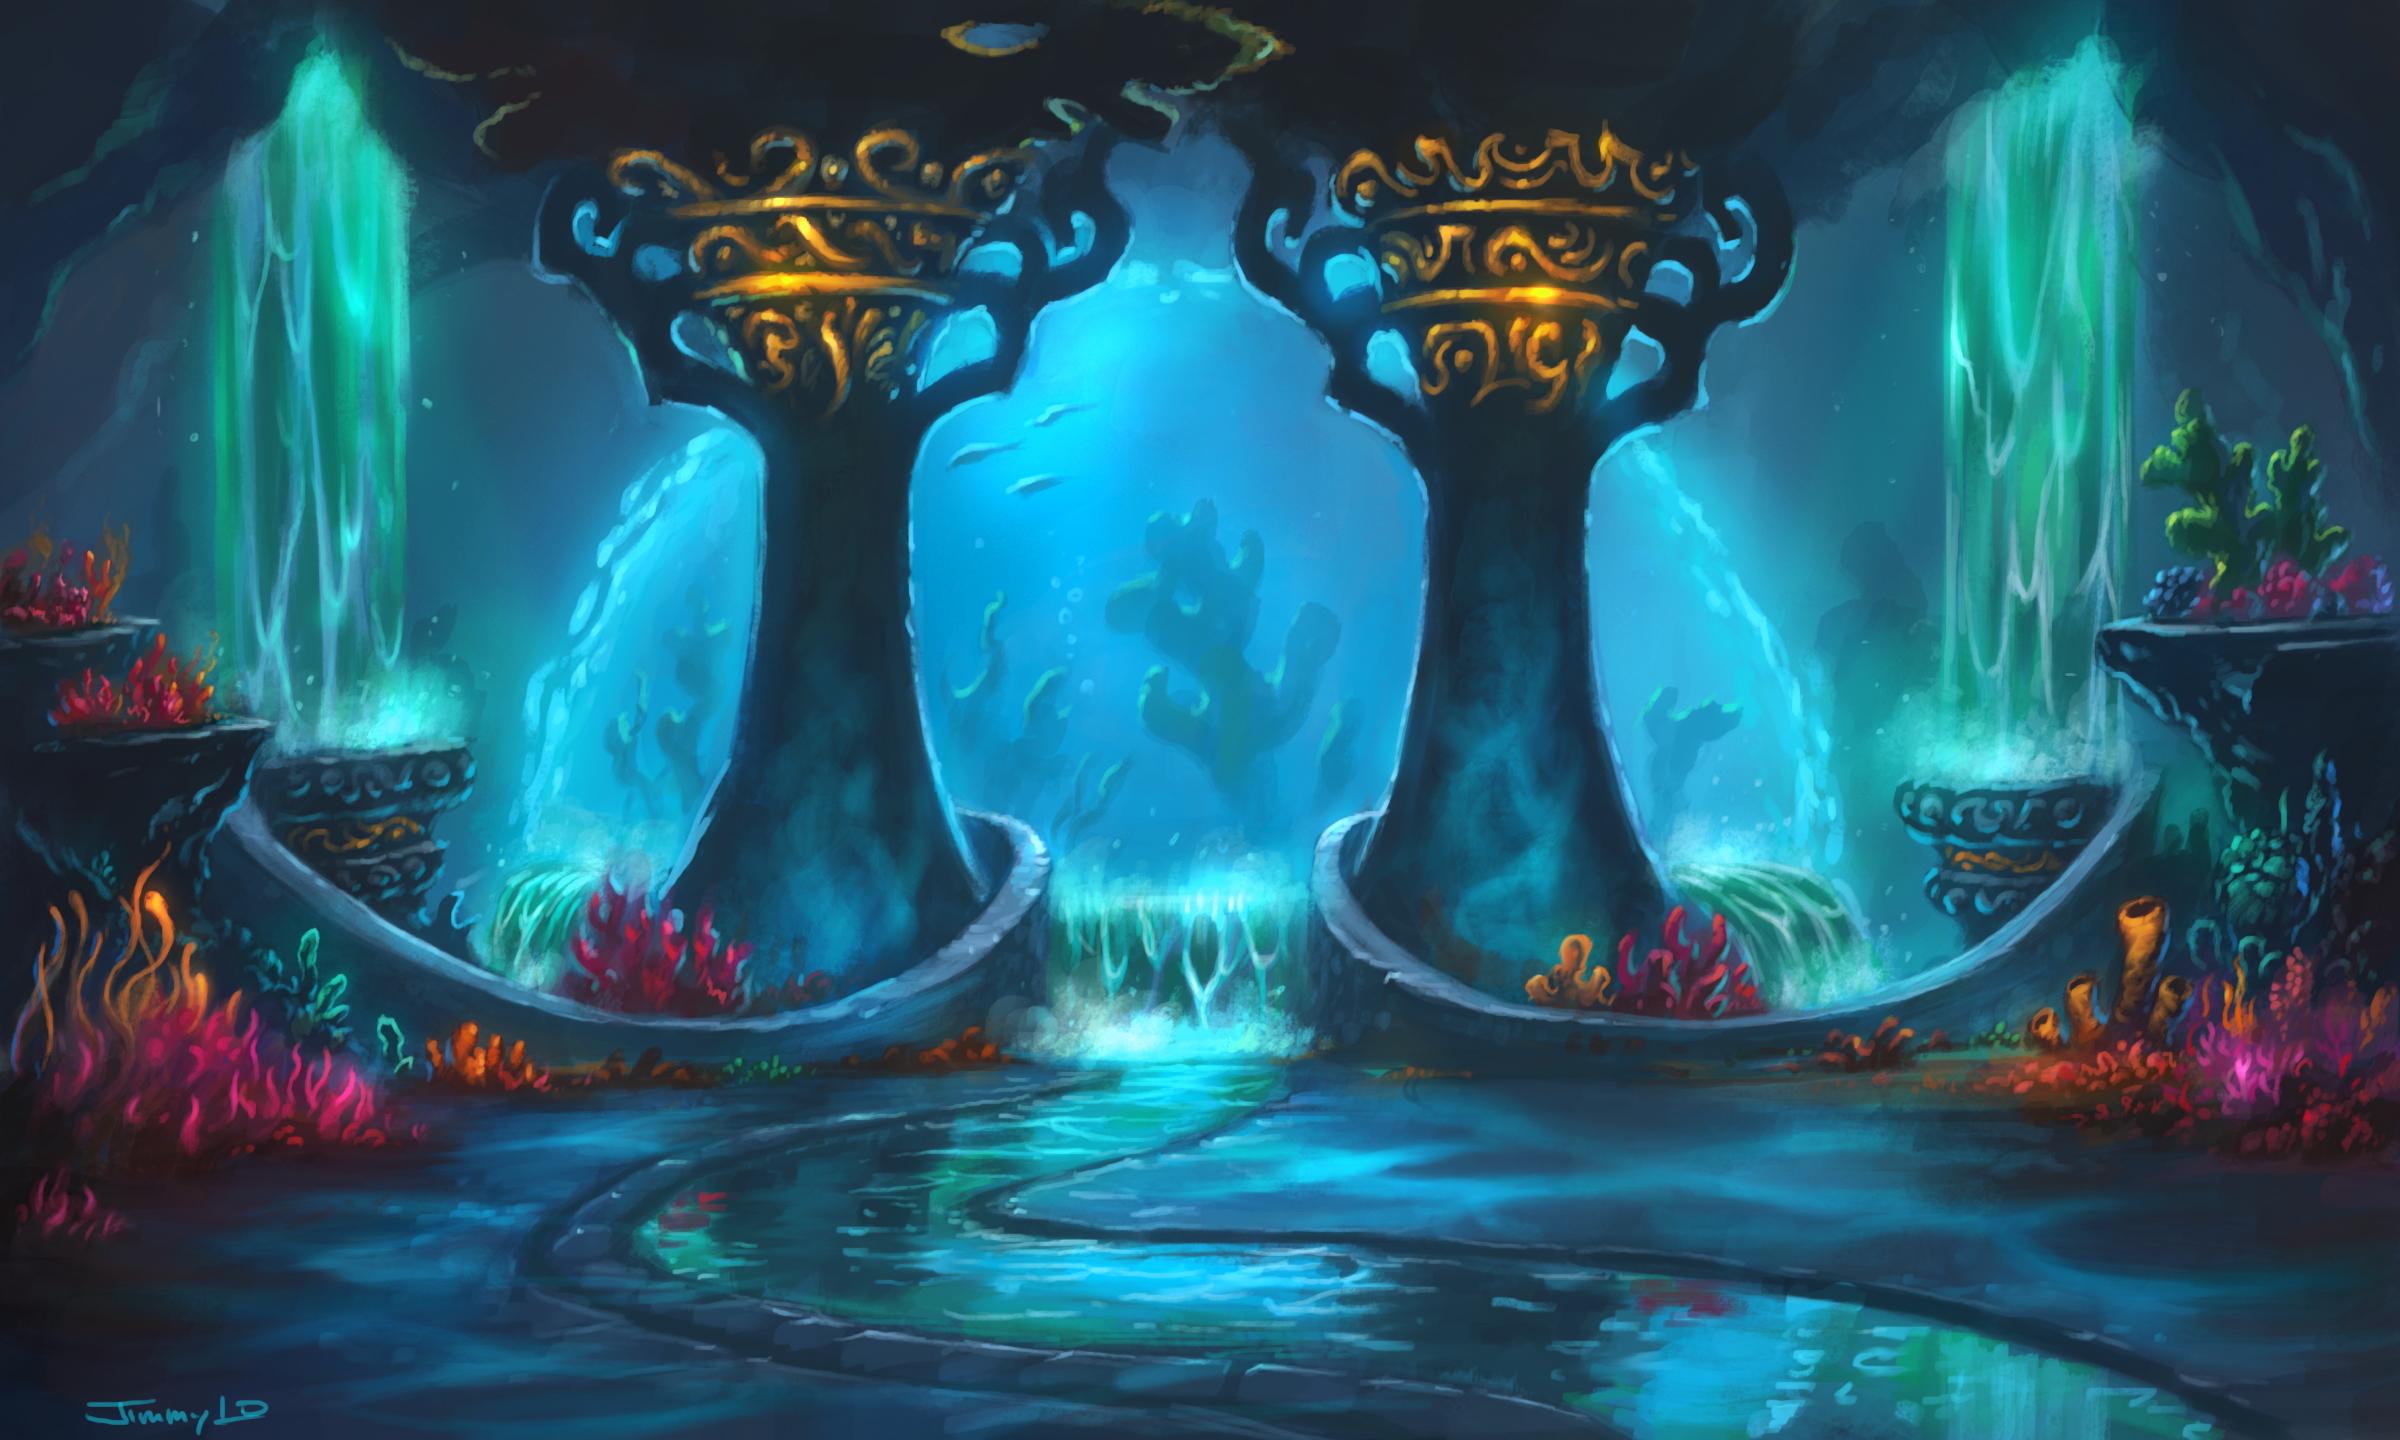 http://4.bp.blogspot.com/_W1ueYt1O3xs/TMrtpiQyaXI/AAAAAAAAW-M/b2OGd7W2eoI/d/World+of+Warcraft-+Cataclysm+Wallpapers+(8).jpg